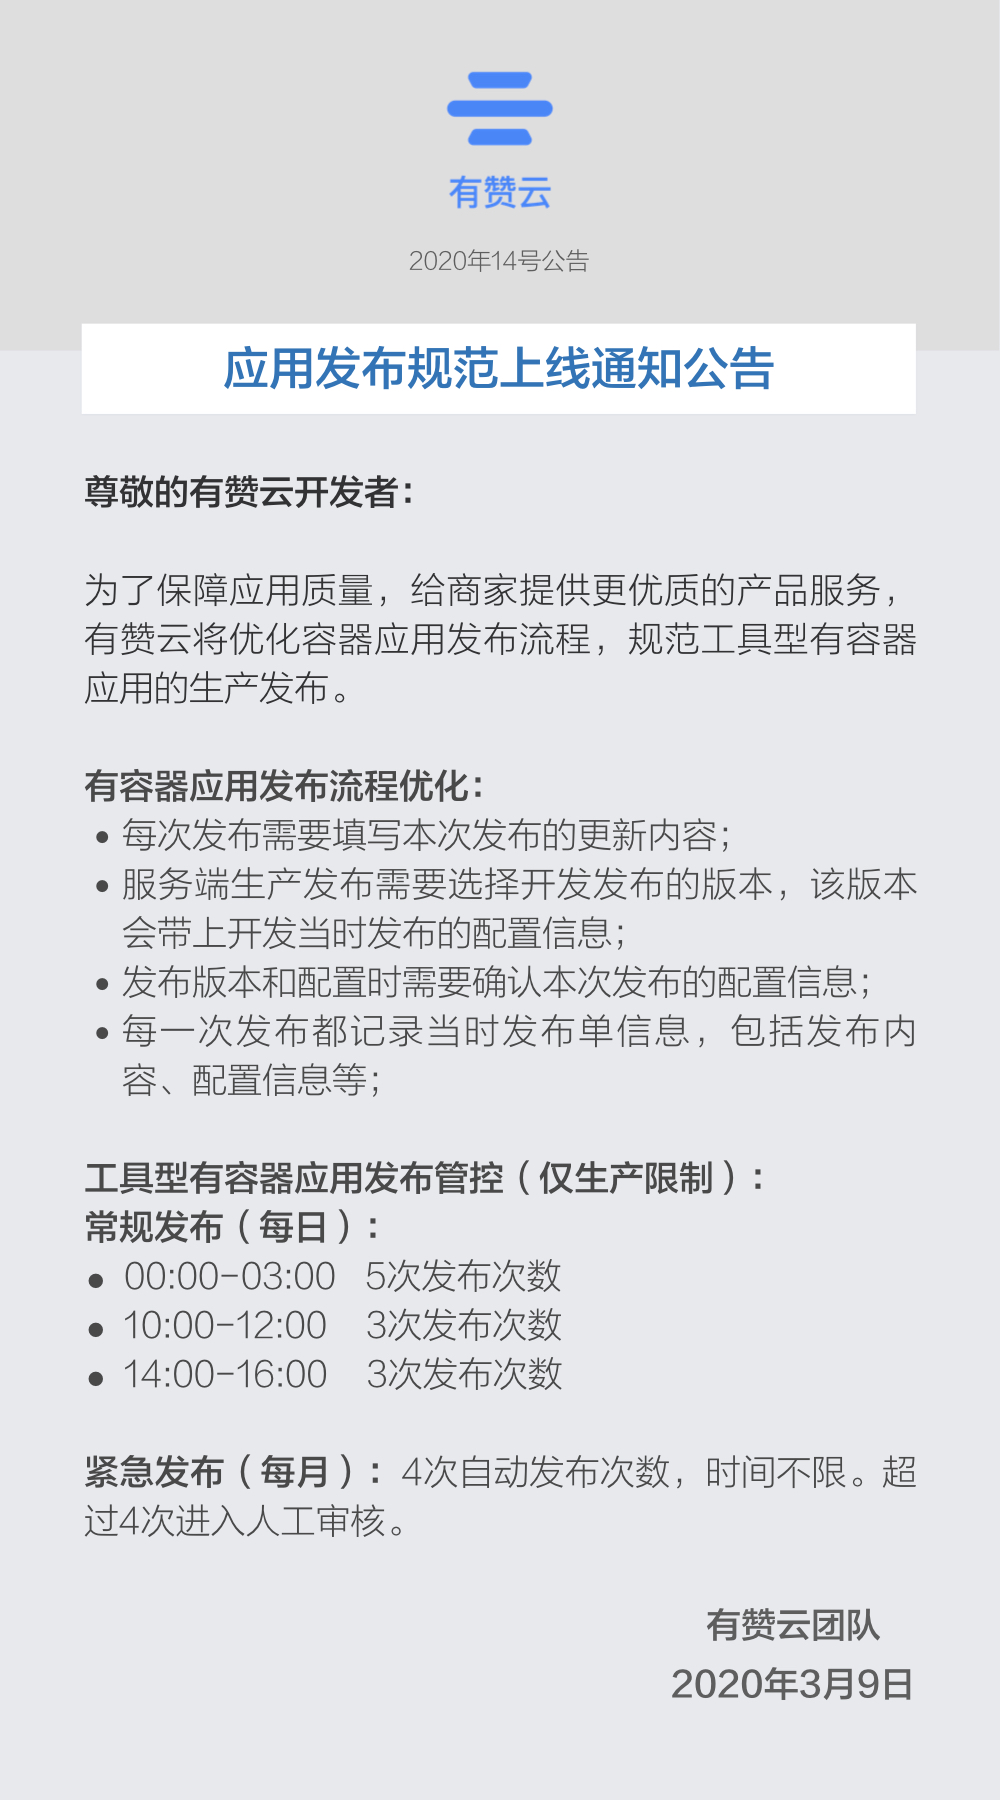 应用发布规范上线公告.001.jpeg